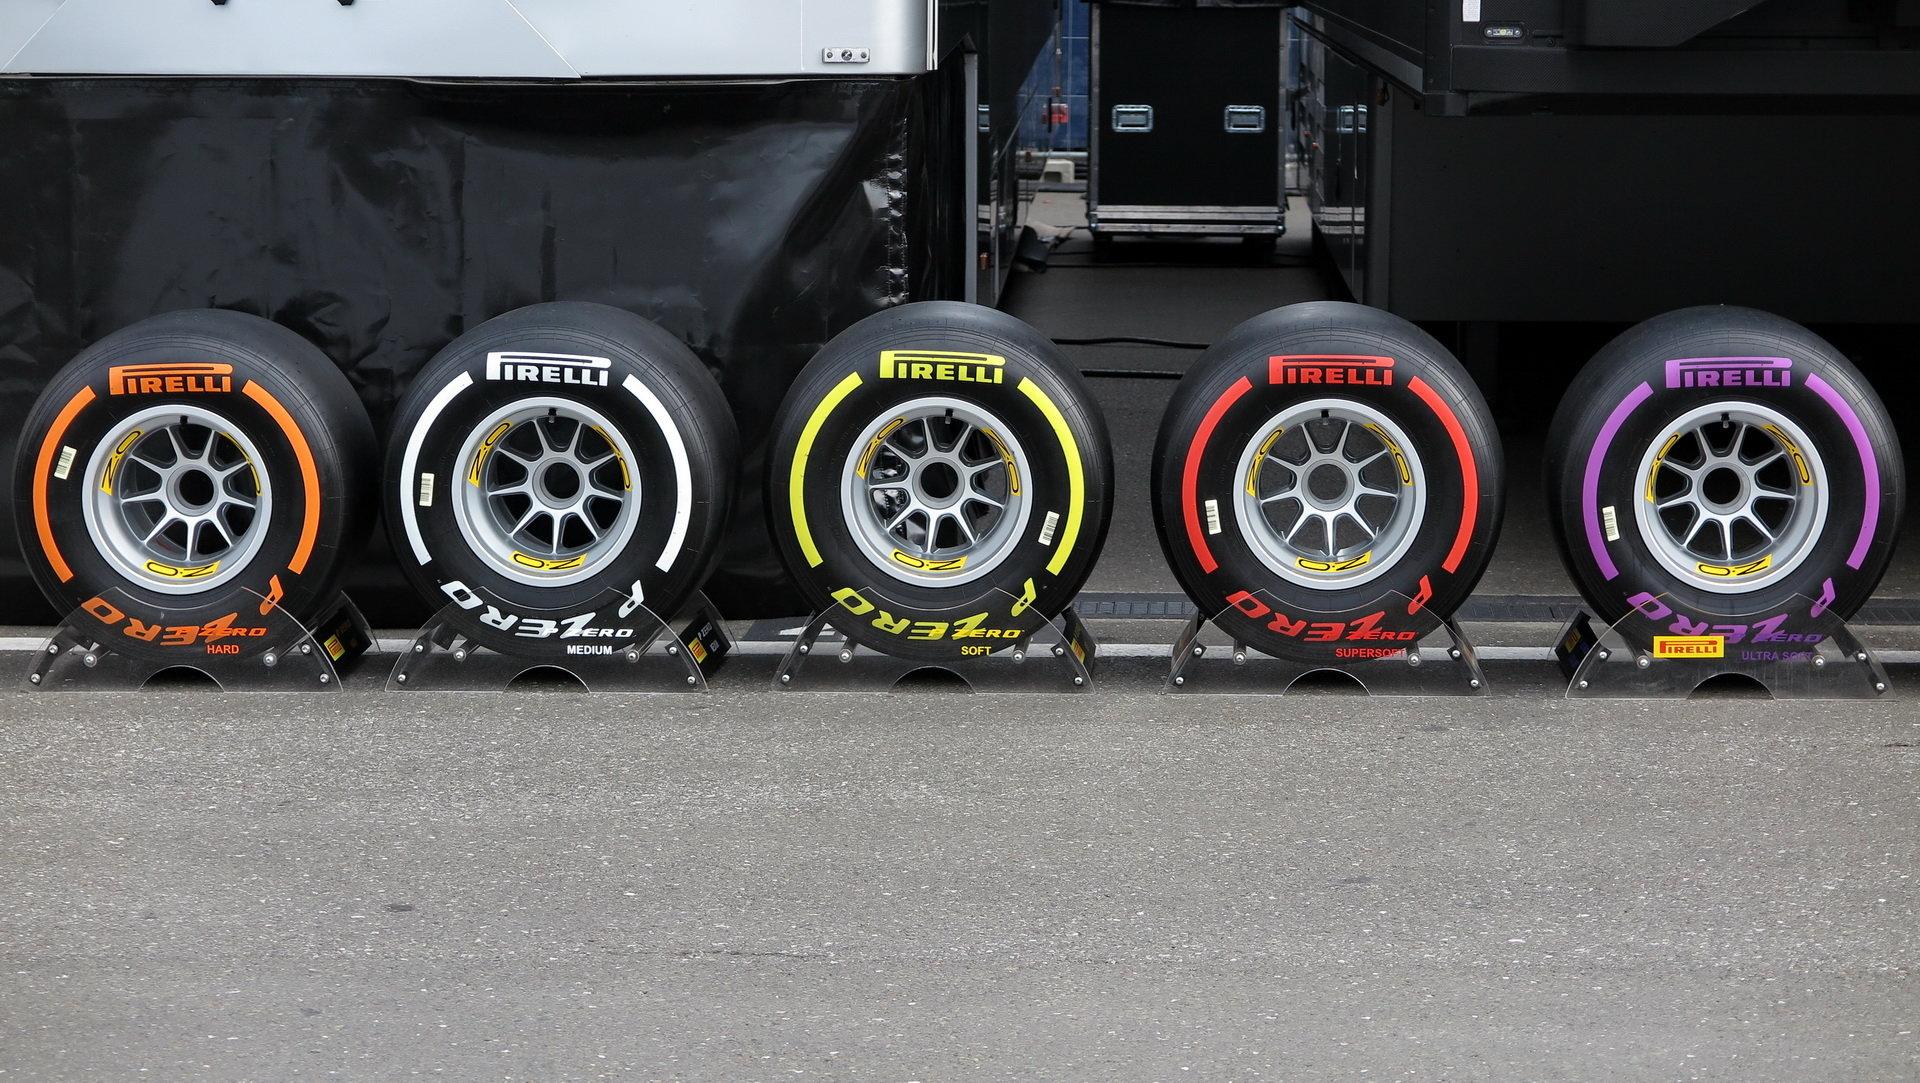 Týmy si pneumatiky pro rok 2018 vyzkouší společně po závodě v Abú Zabí